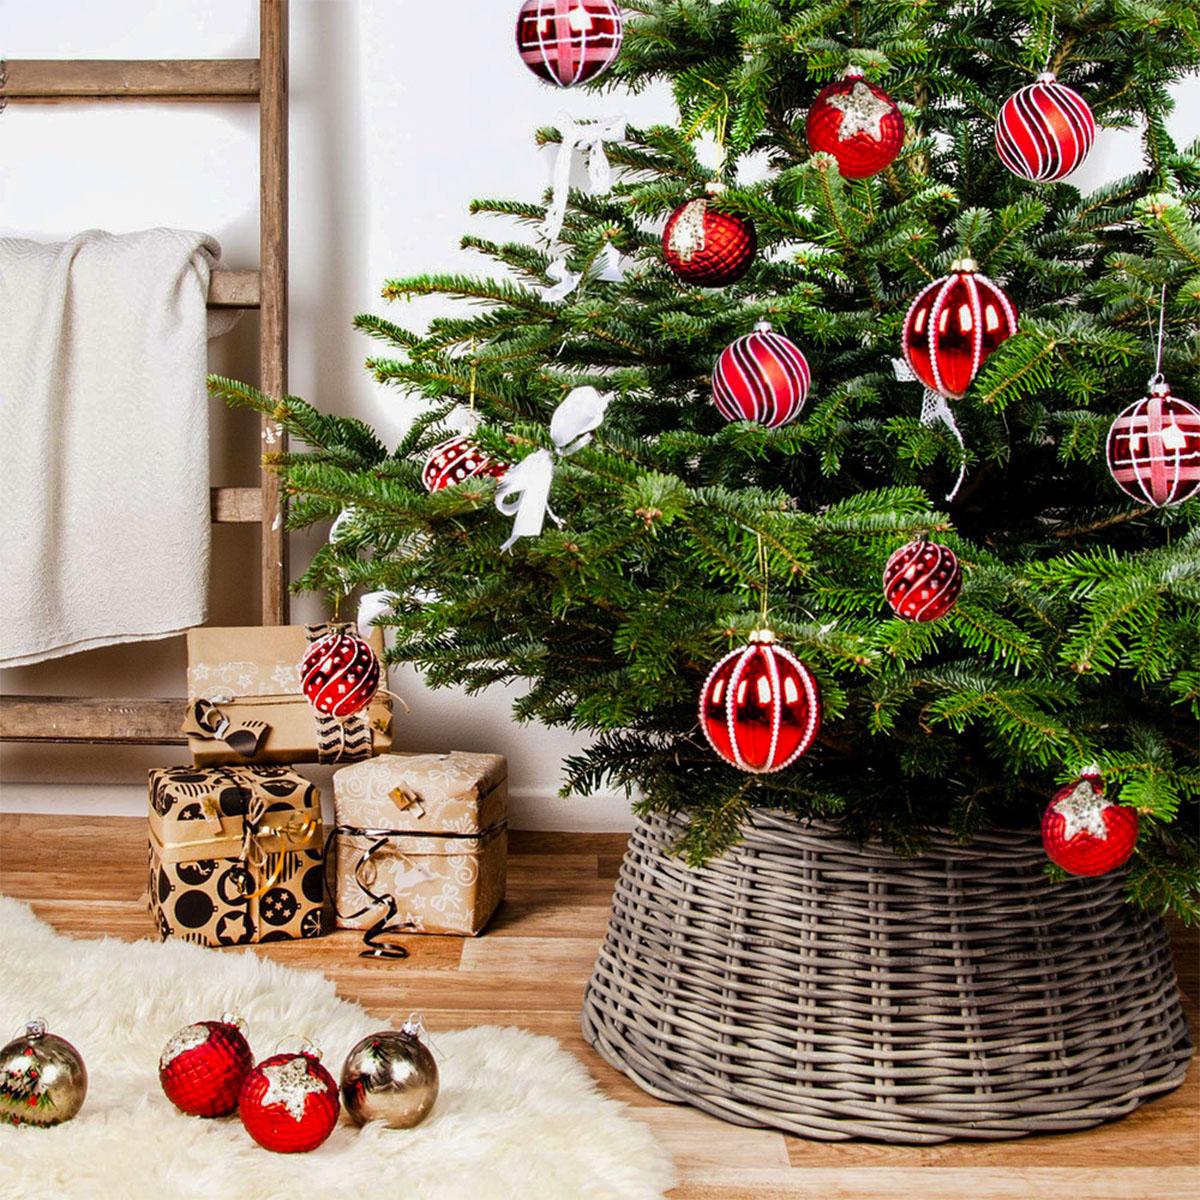 Zierkorb für den Weihnachtsbaumständer Image